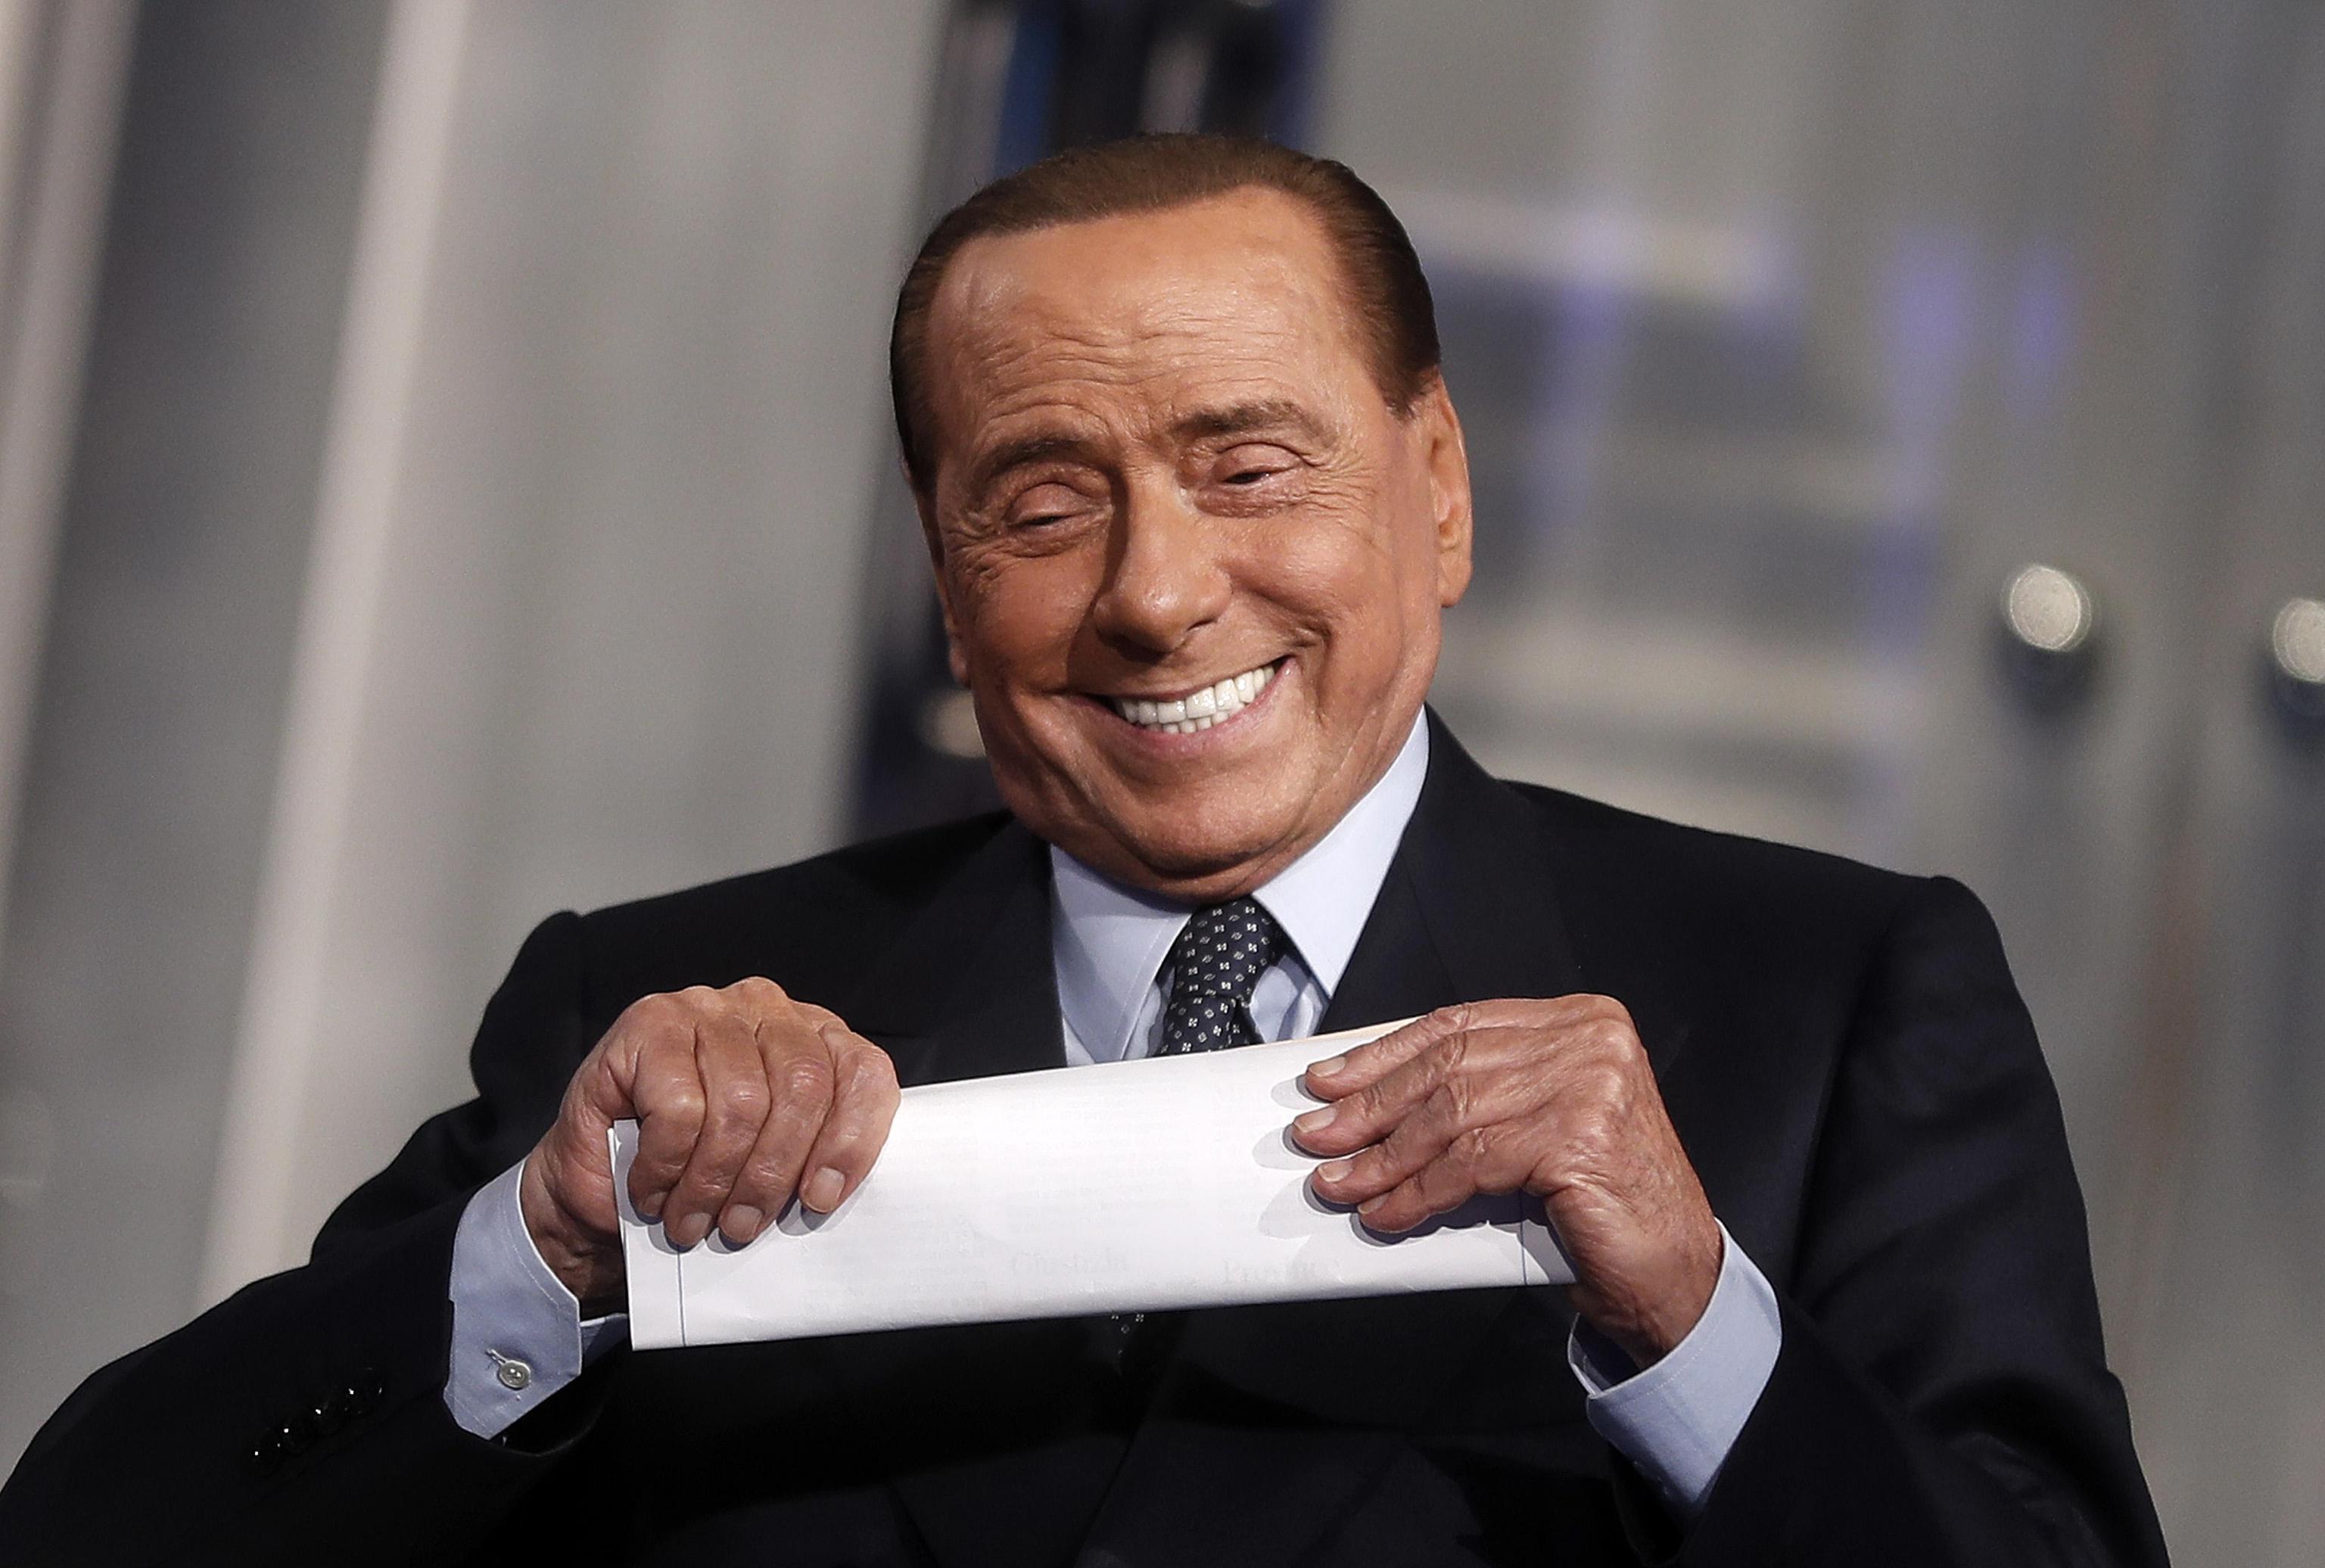 Berlusconi e il sogno di diventare presidente della Repubblica: quanti voti gli mancano per il Quirinale?